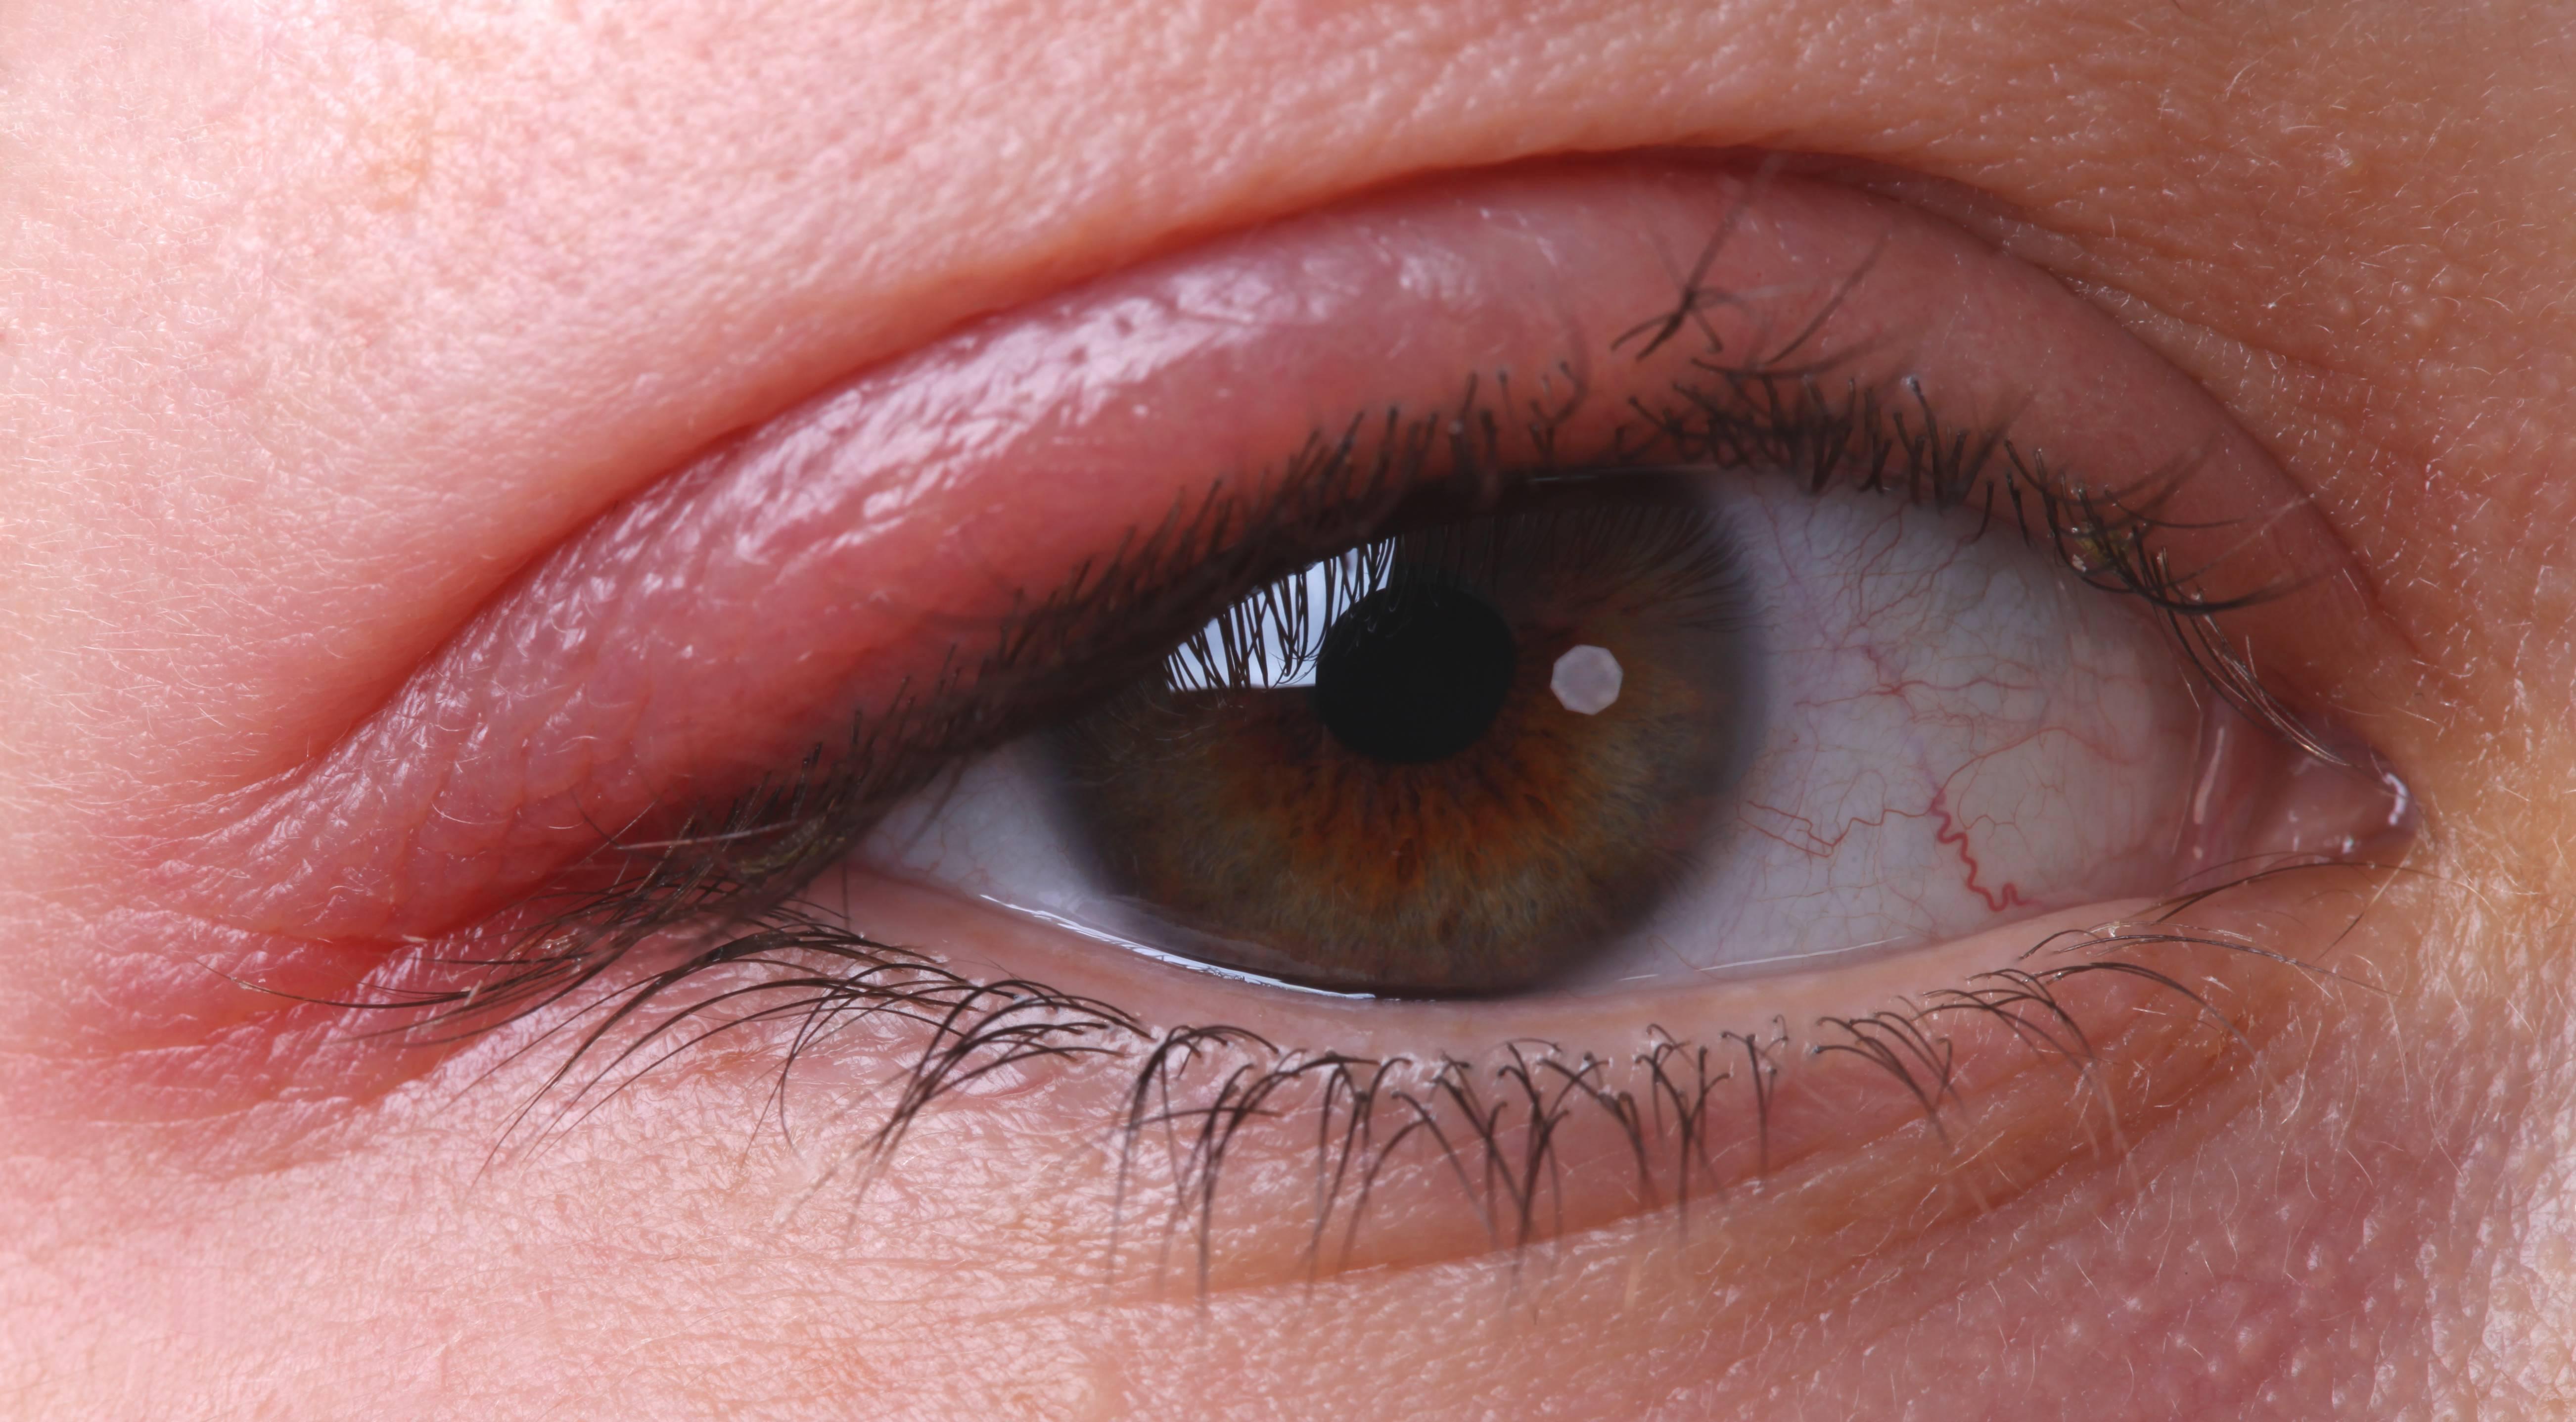 Воспаление верхнего века или нижнего, какие болезни глаз могут быть причиной